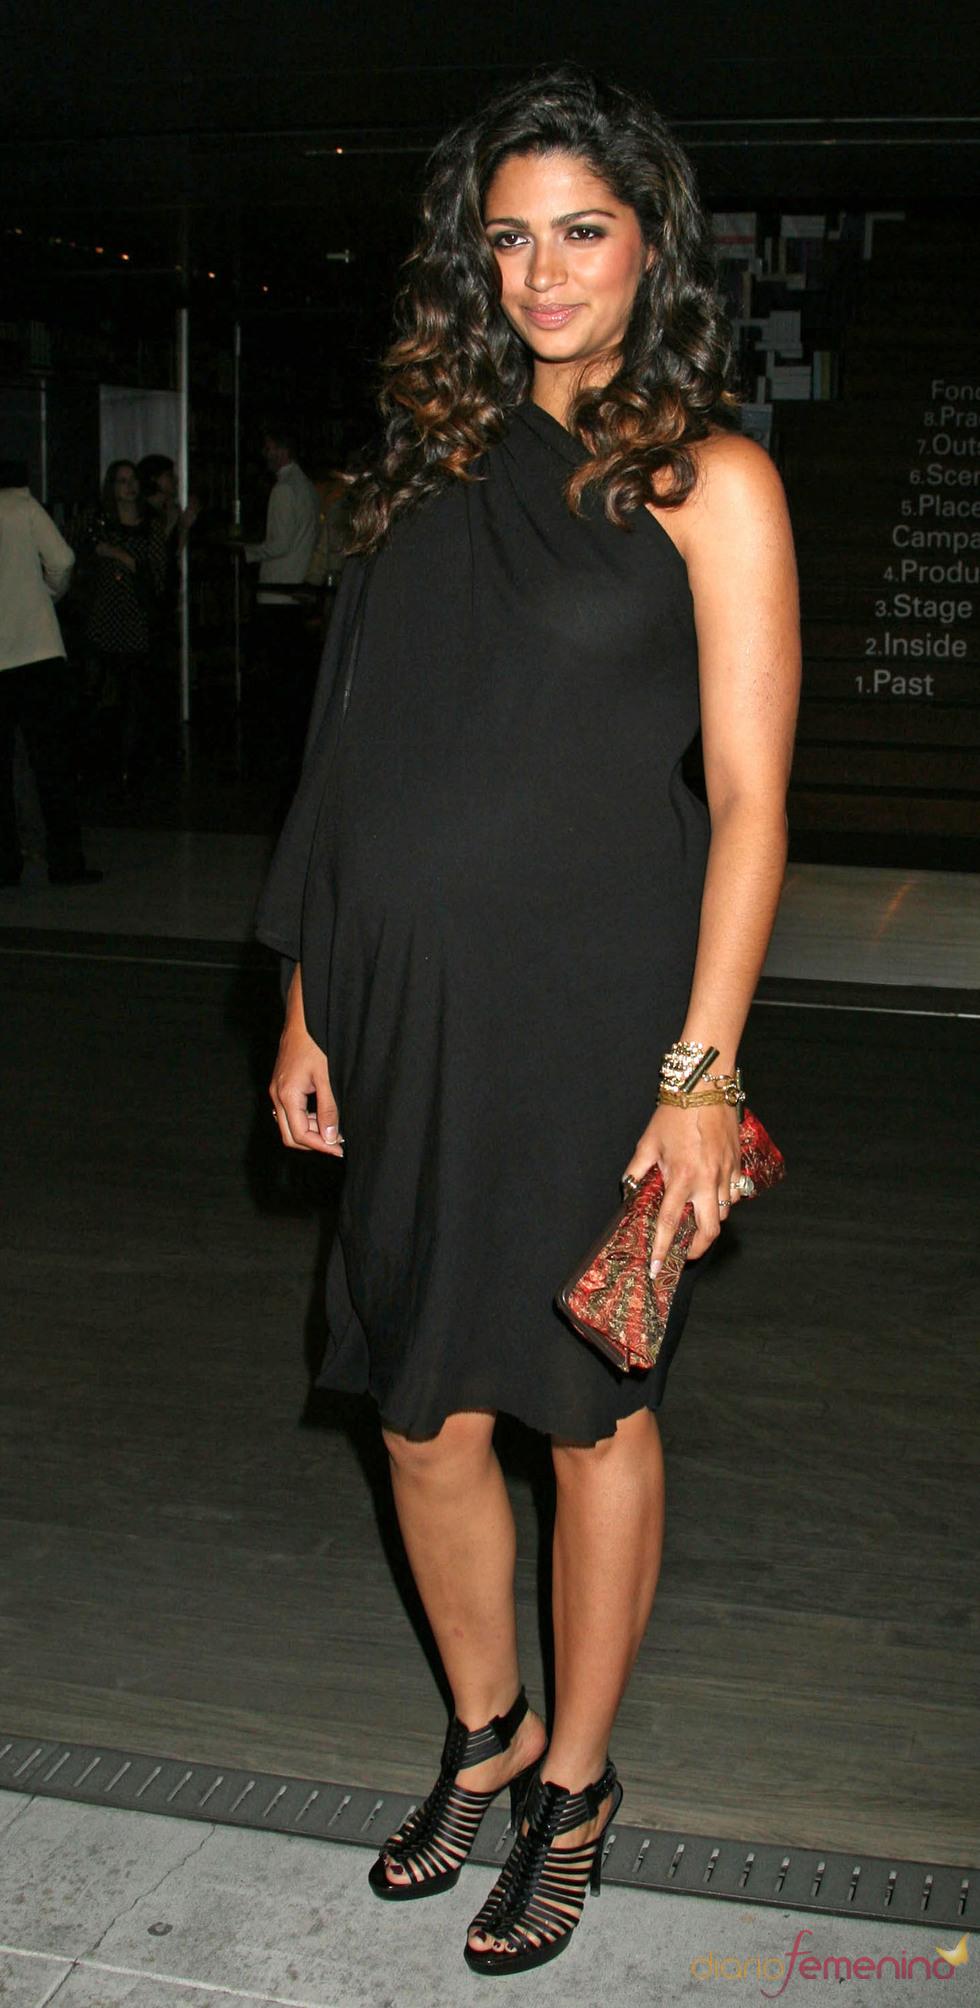 Camila Álves embarazada de Matthew McConaughey